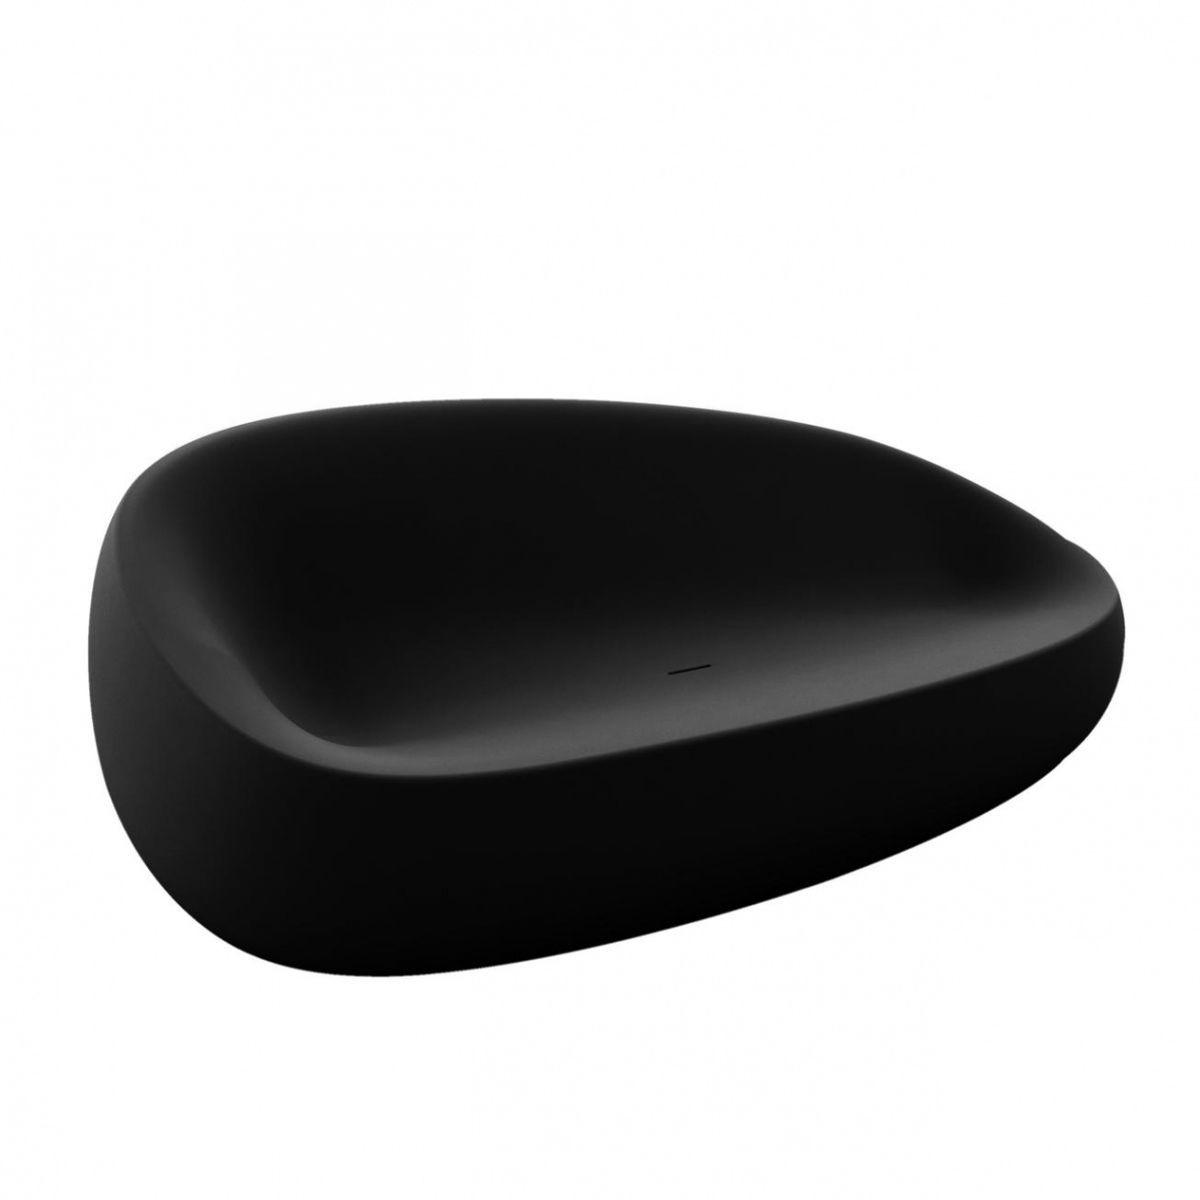 stones sofa vondom. Black Bedroom Furniture Sets. Home Design Ideas